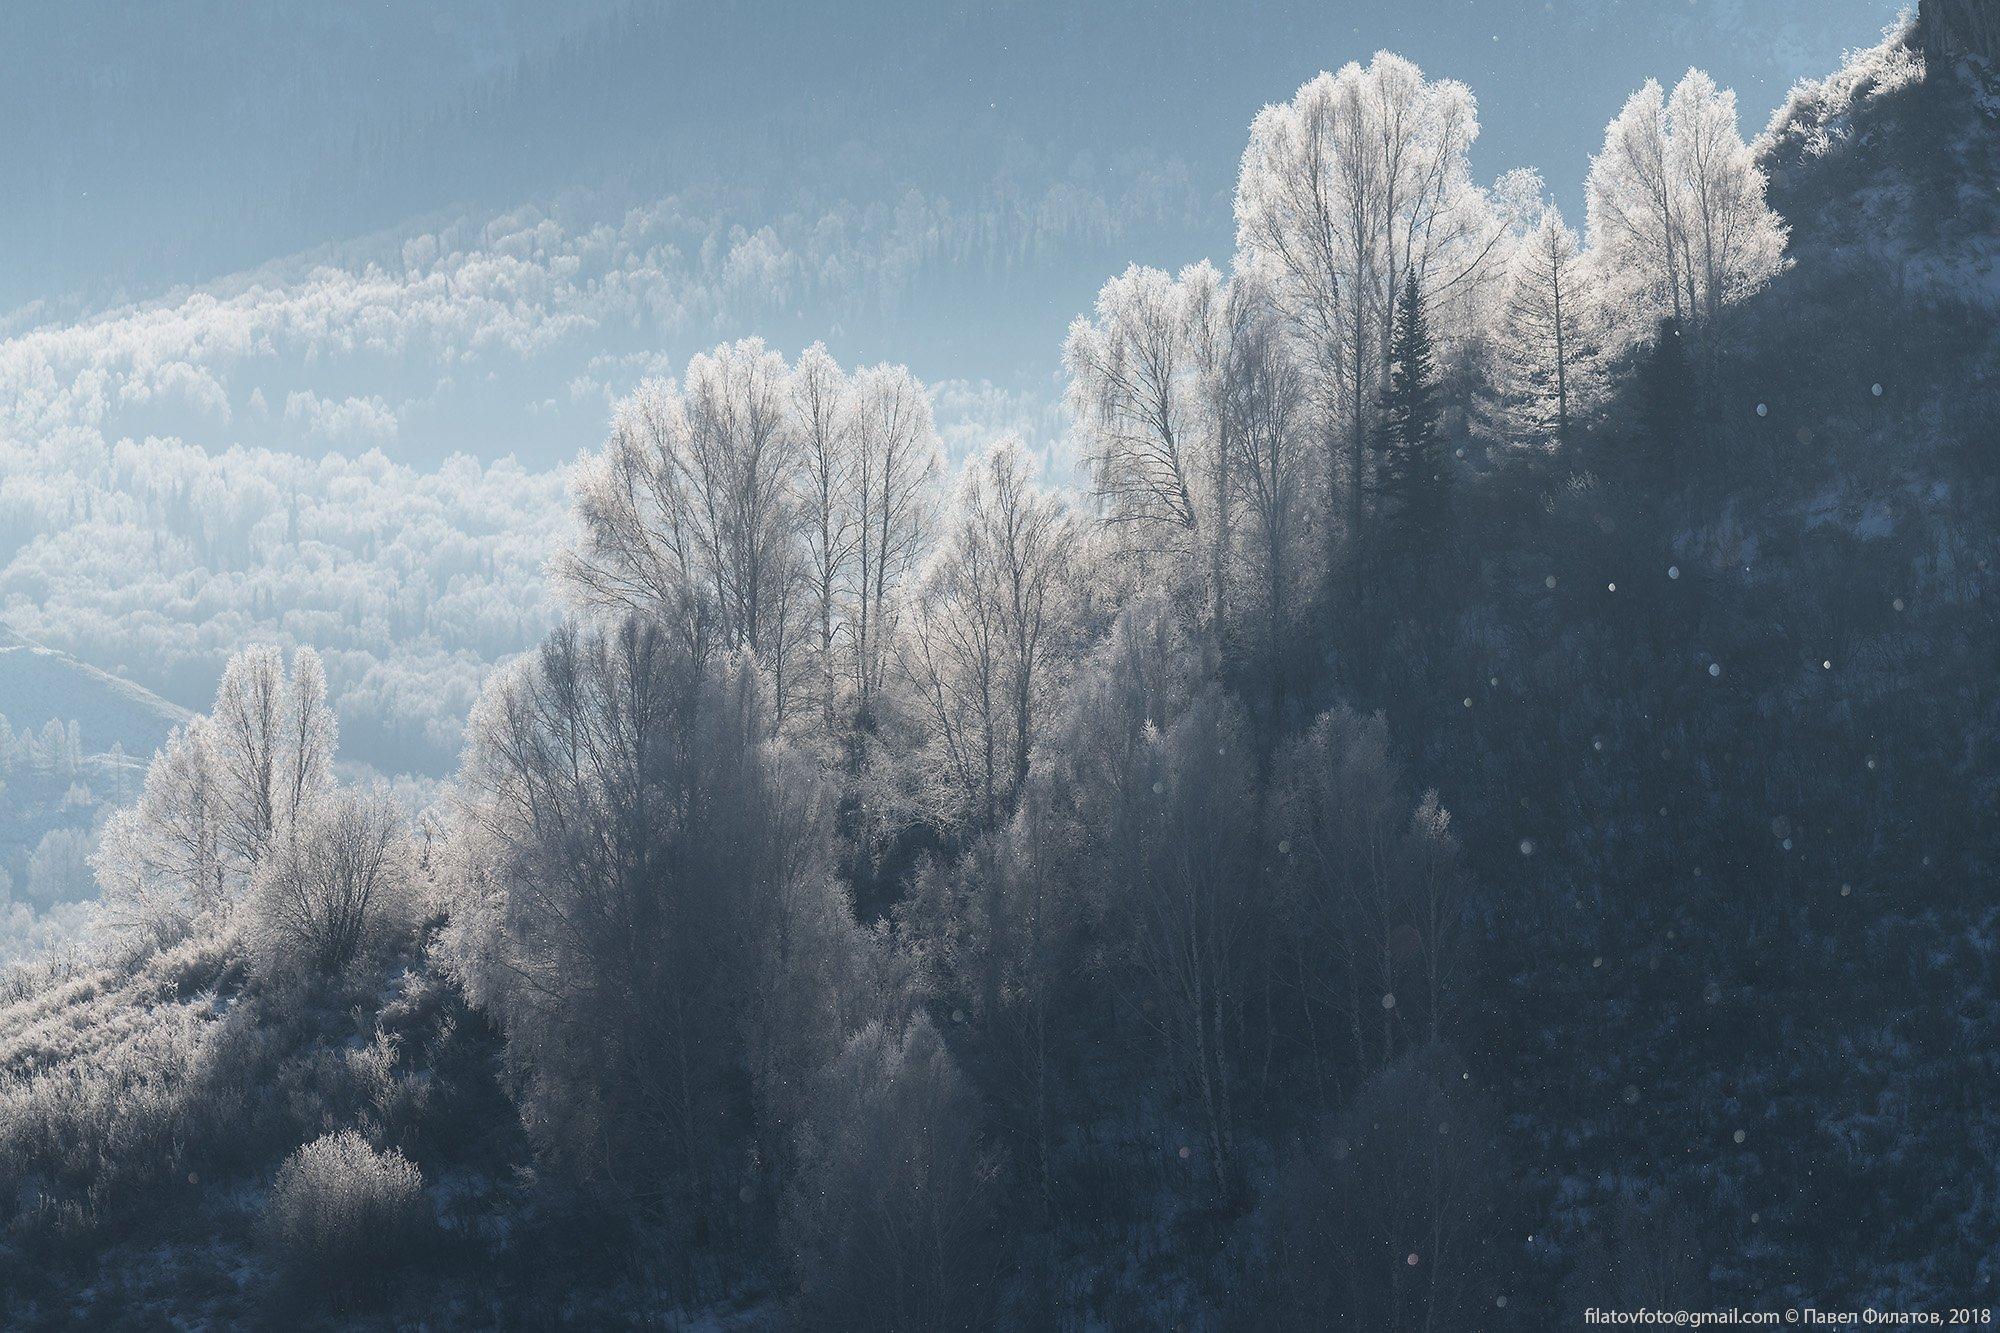 алтай, сибирь, тигирек, алтайский край, иней, березы, зима, Павел Филатов